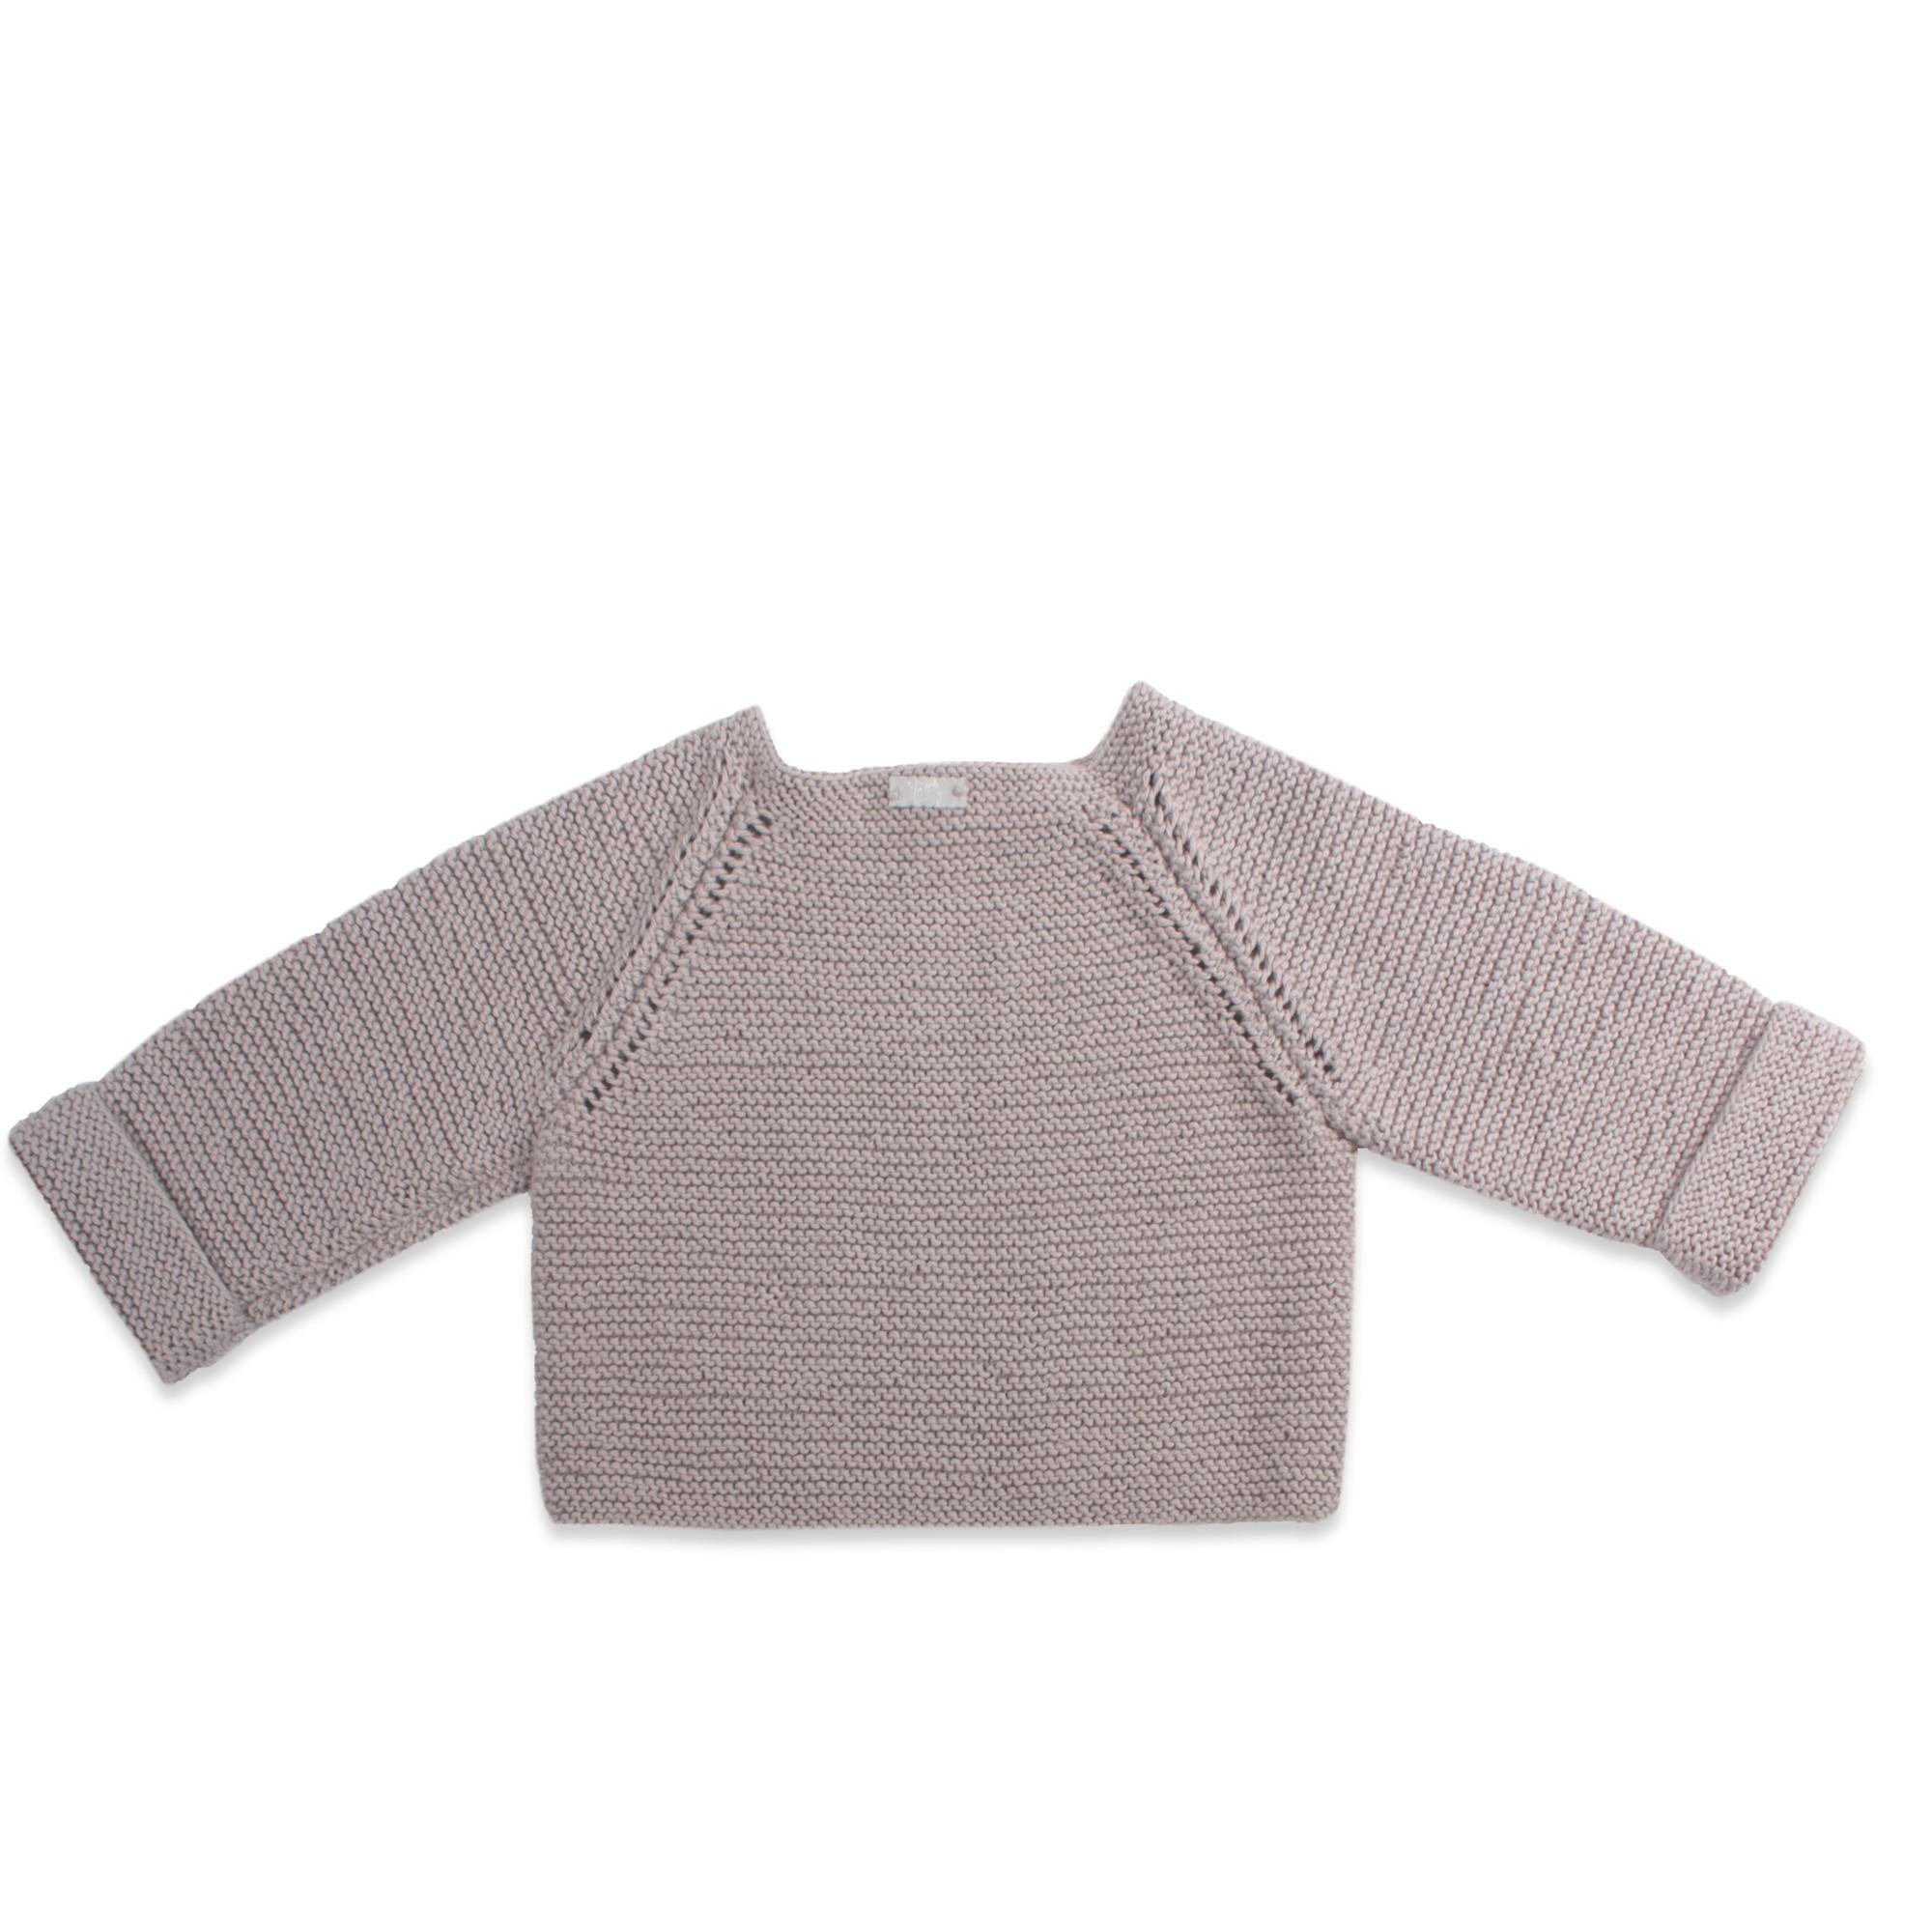 gilet fille et bébé tricoté main point mousse gris clair raglan et bouton bois